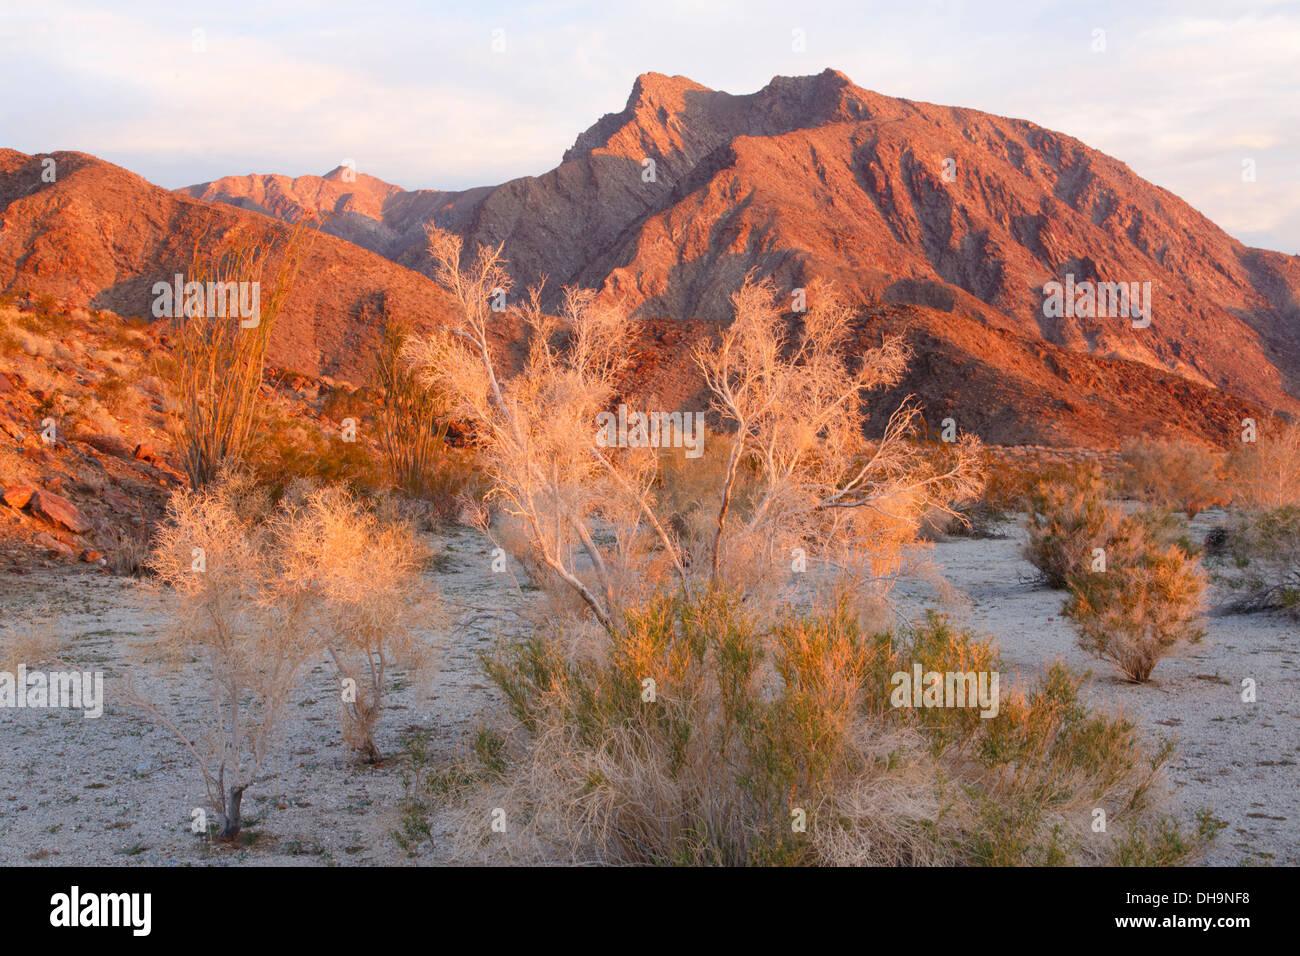 Anza-Borrego Desert State Park, California. Immagini Stock